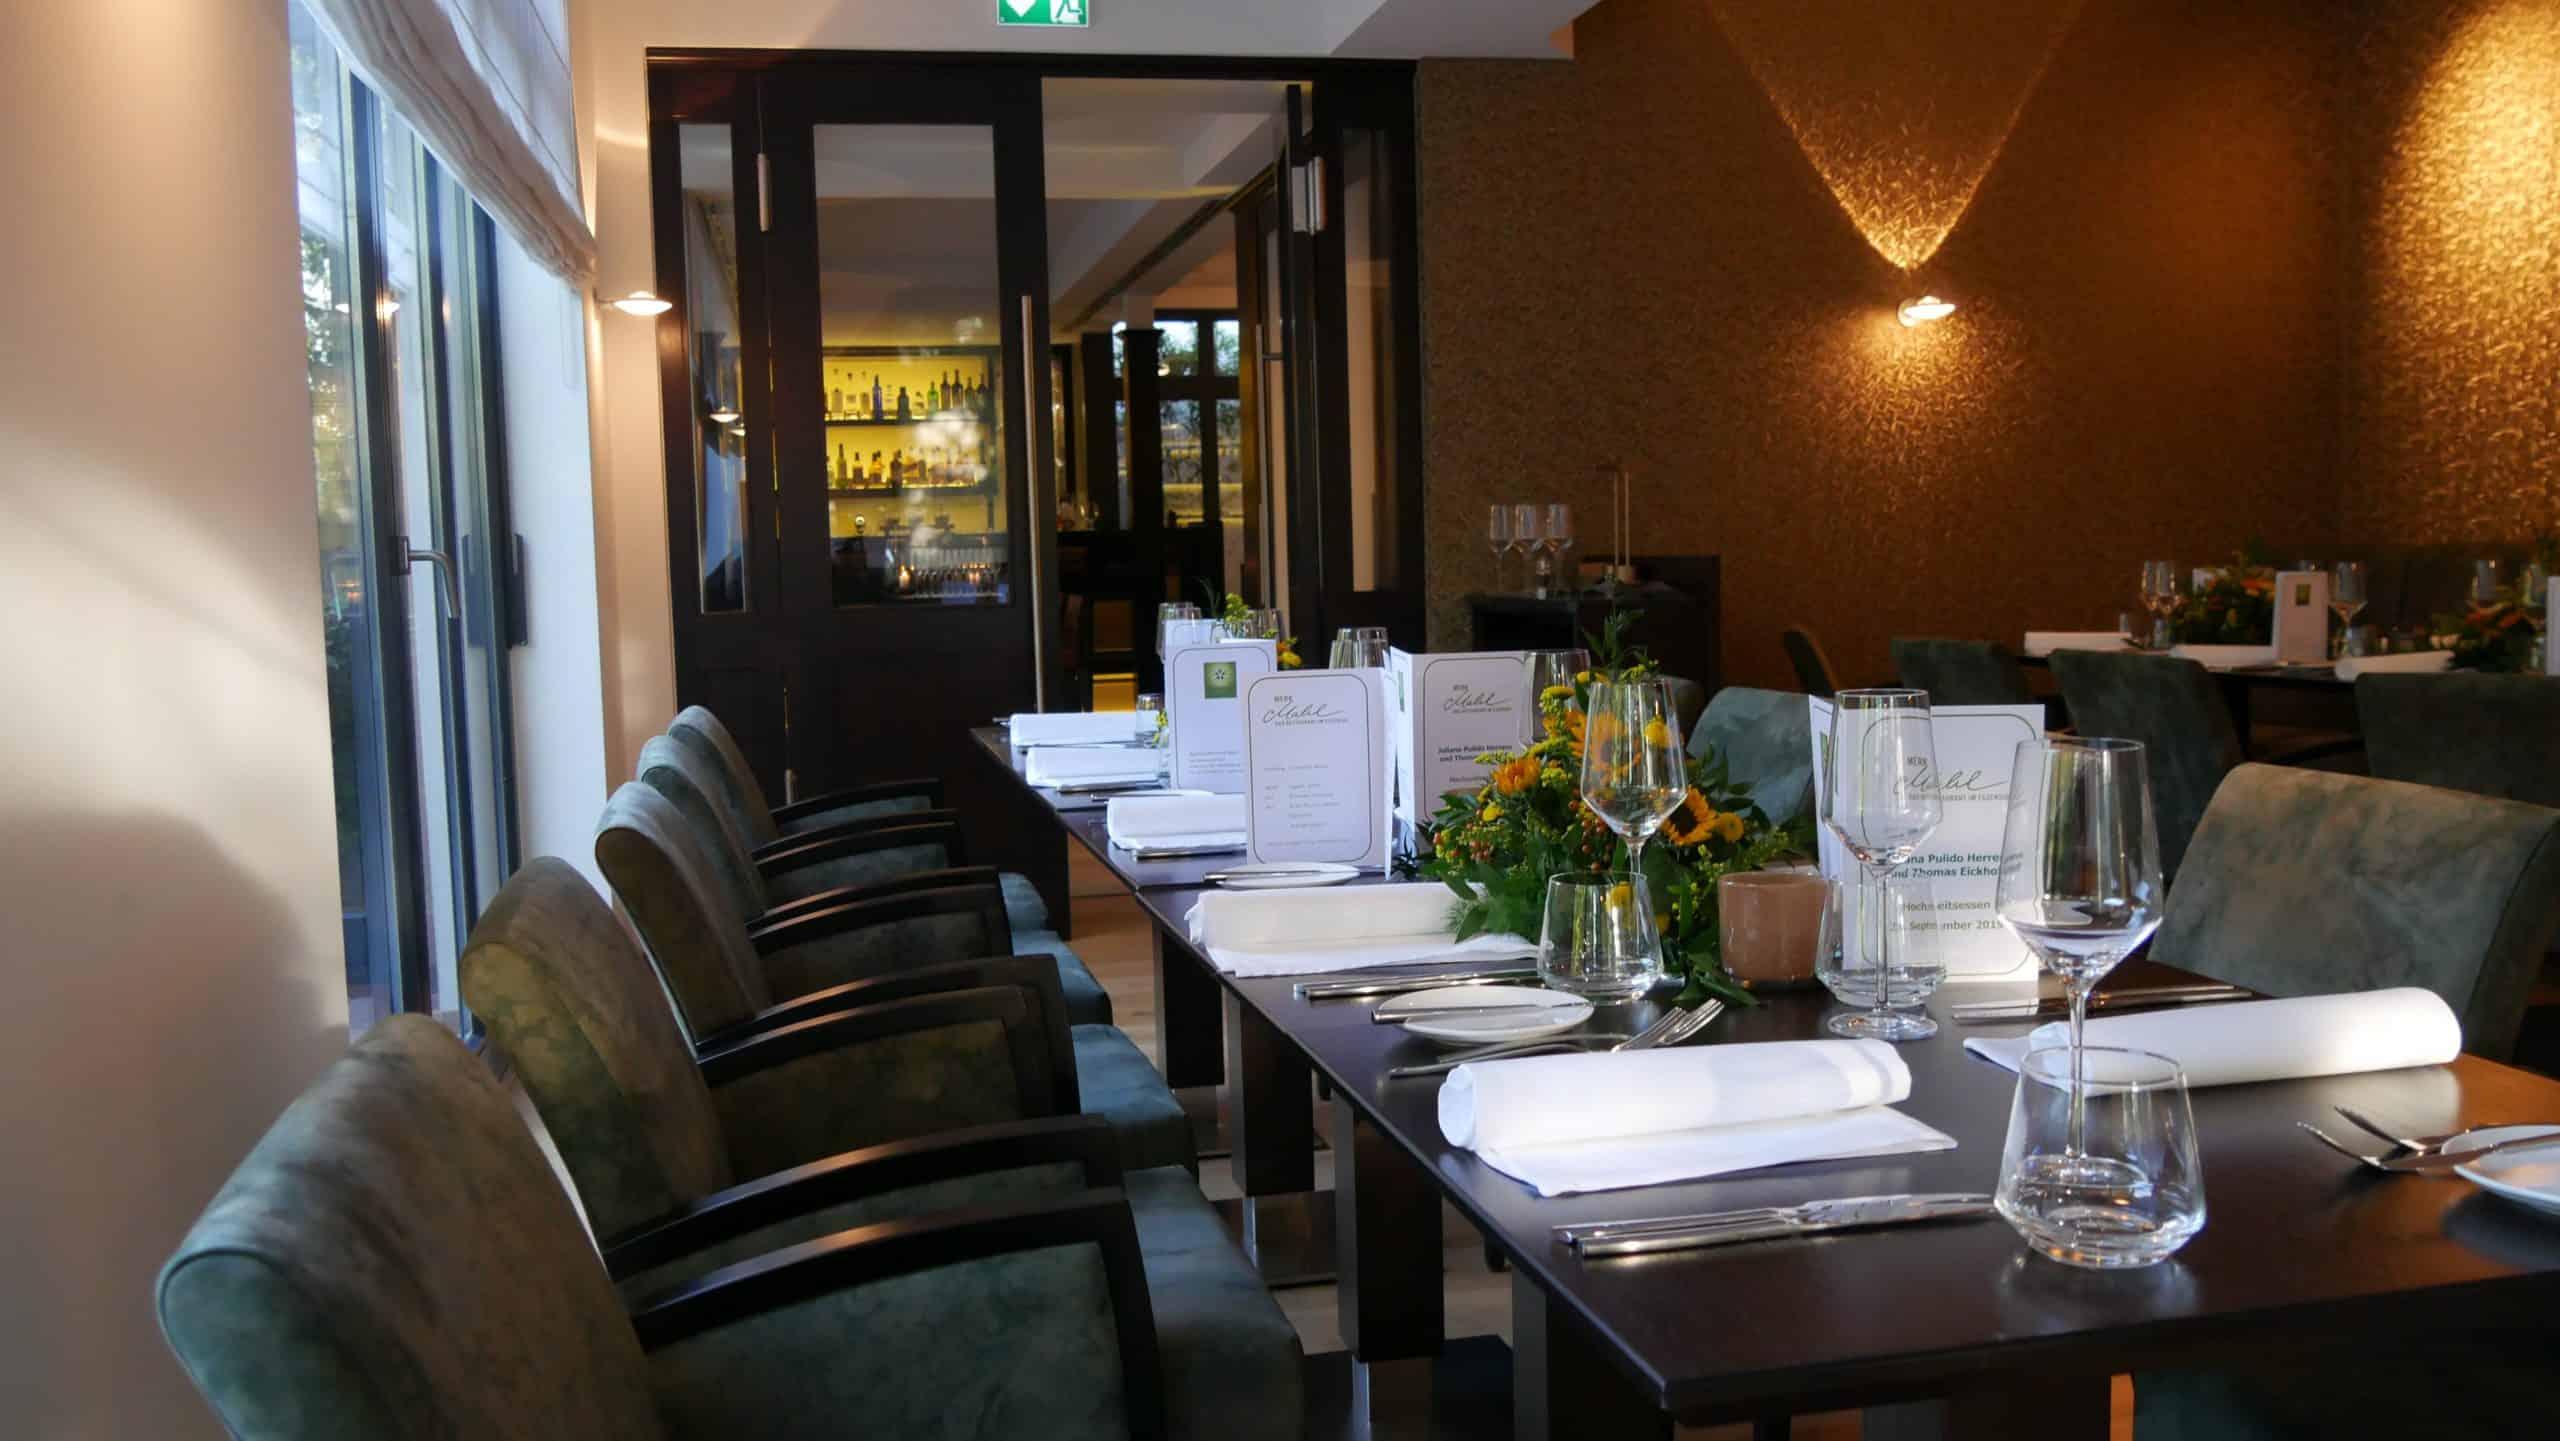 Restaurant merk.Mahl in Erkrath bei Düsseldorf